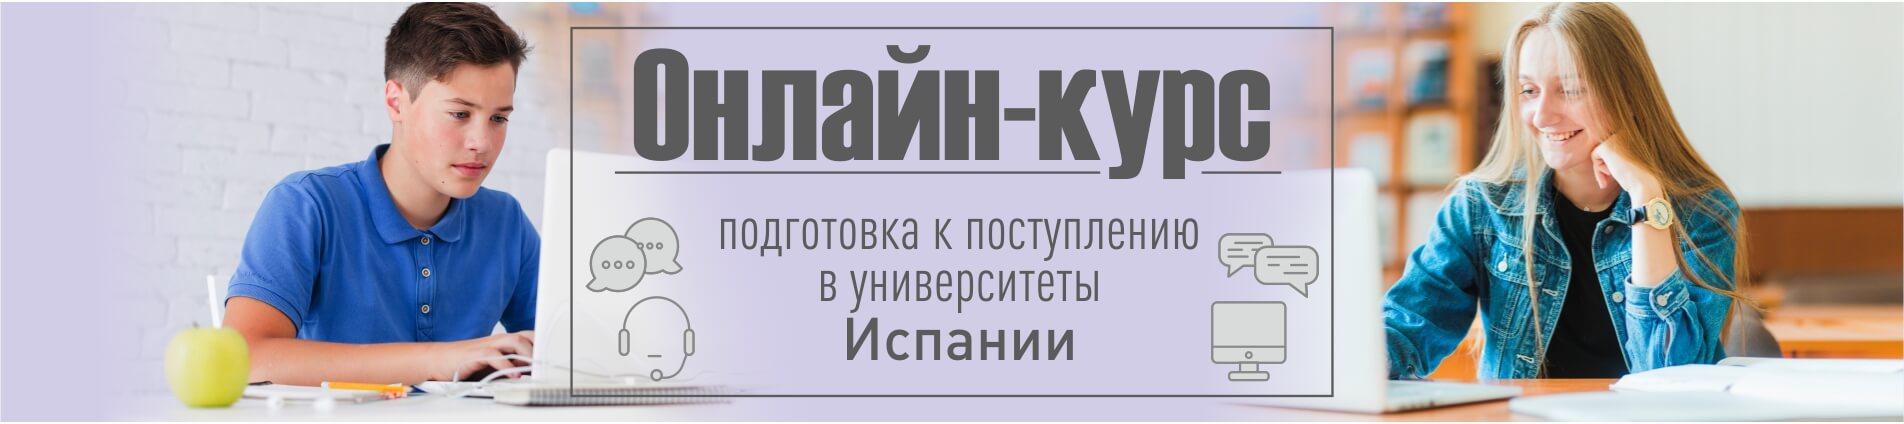 banner_online_333333333